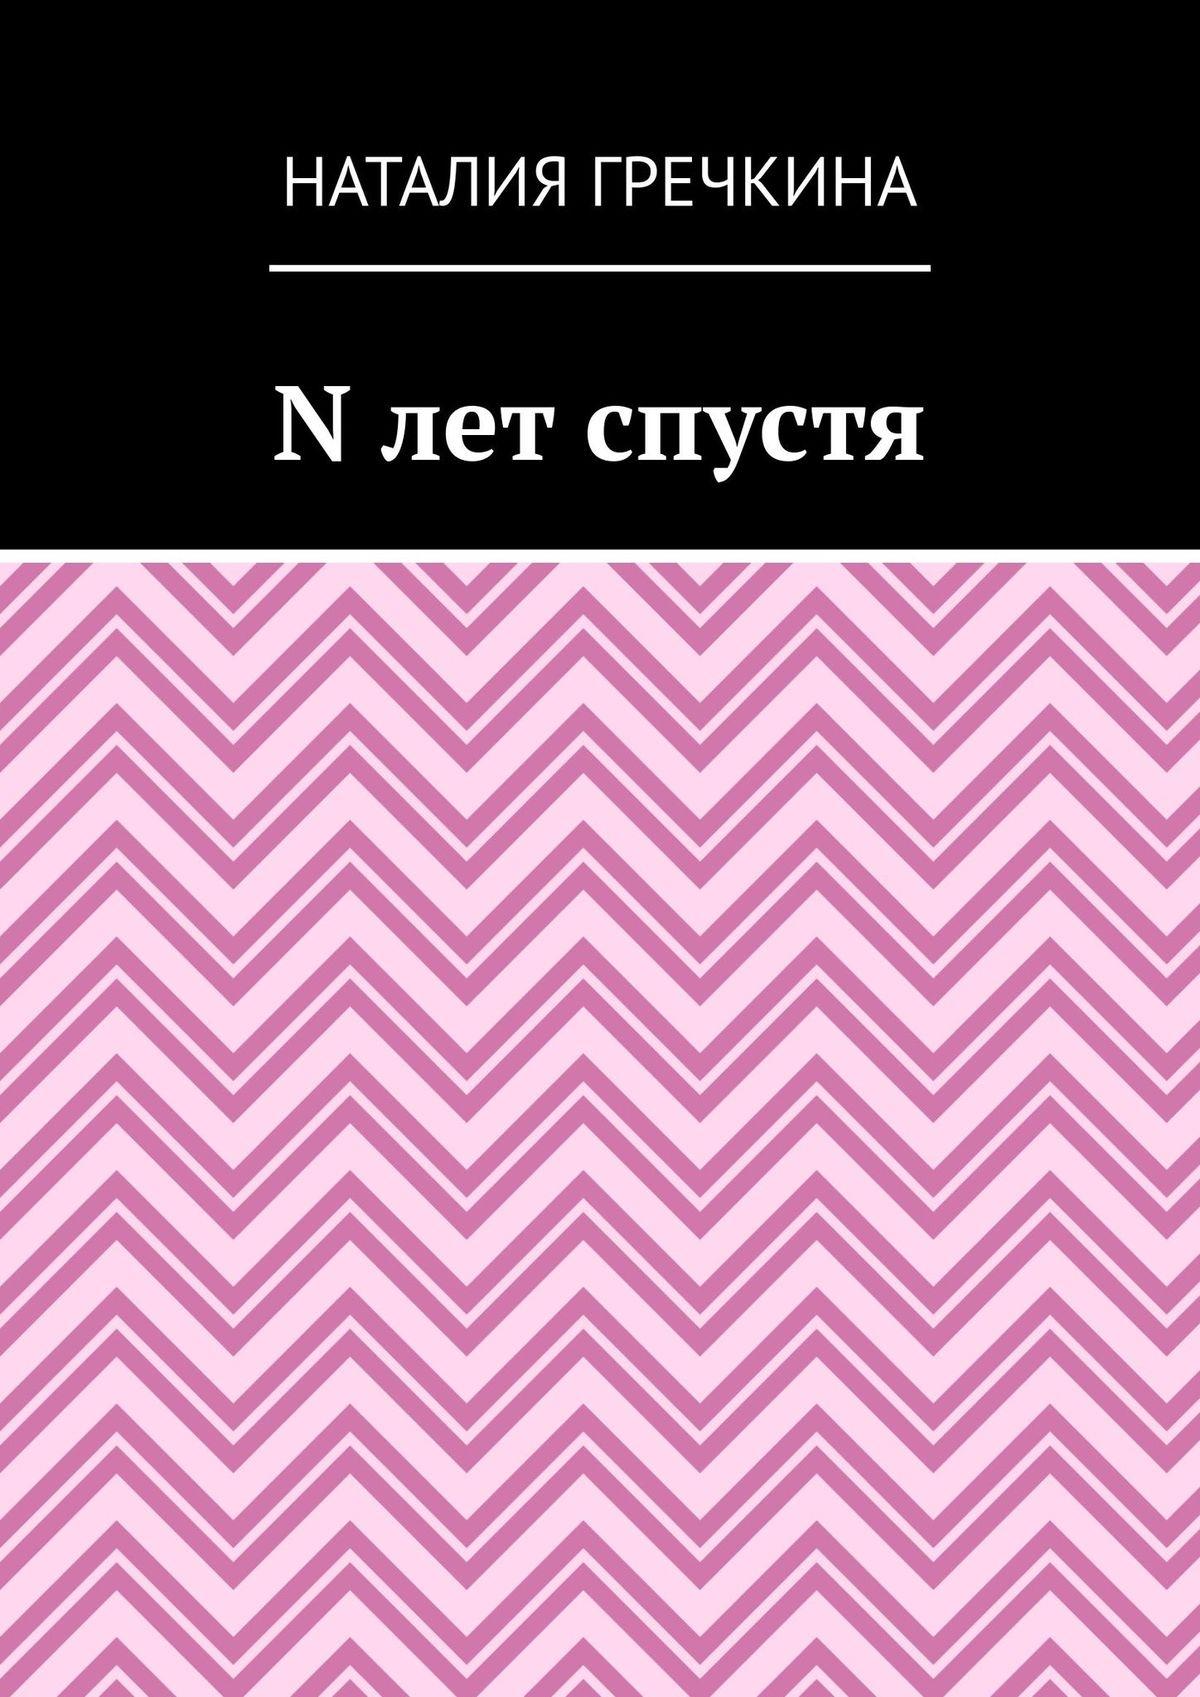 Наталия Гречкина N лет спустя валерия матросова прозрение или золушка 15 лет спустя